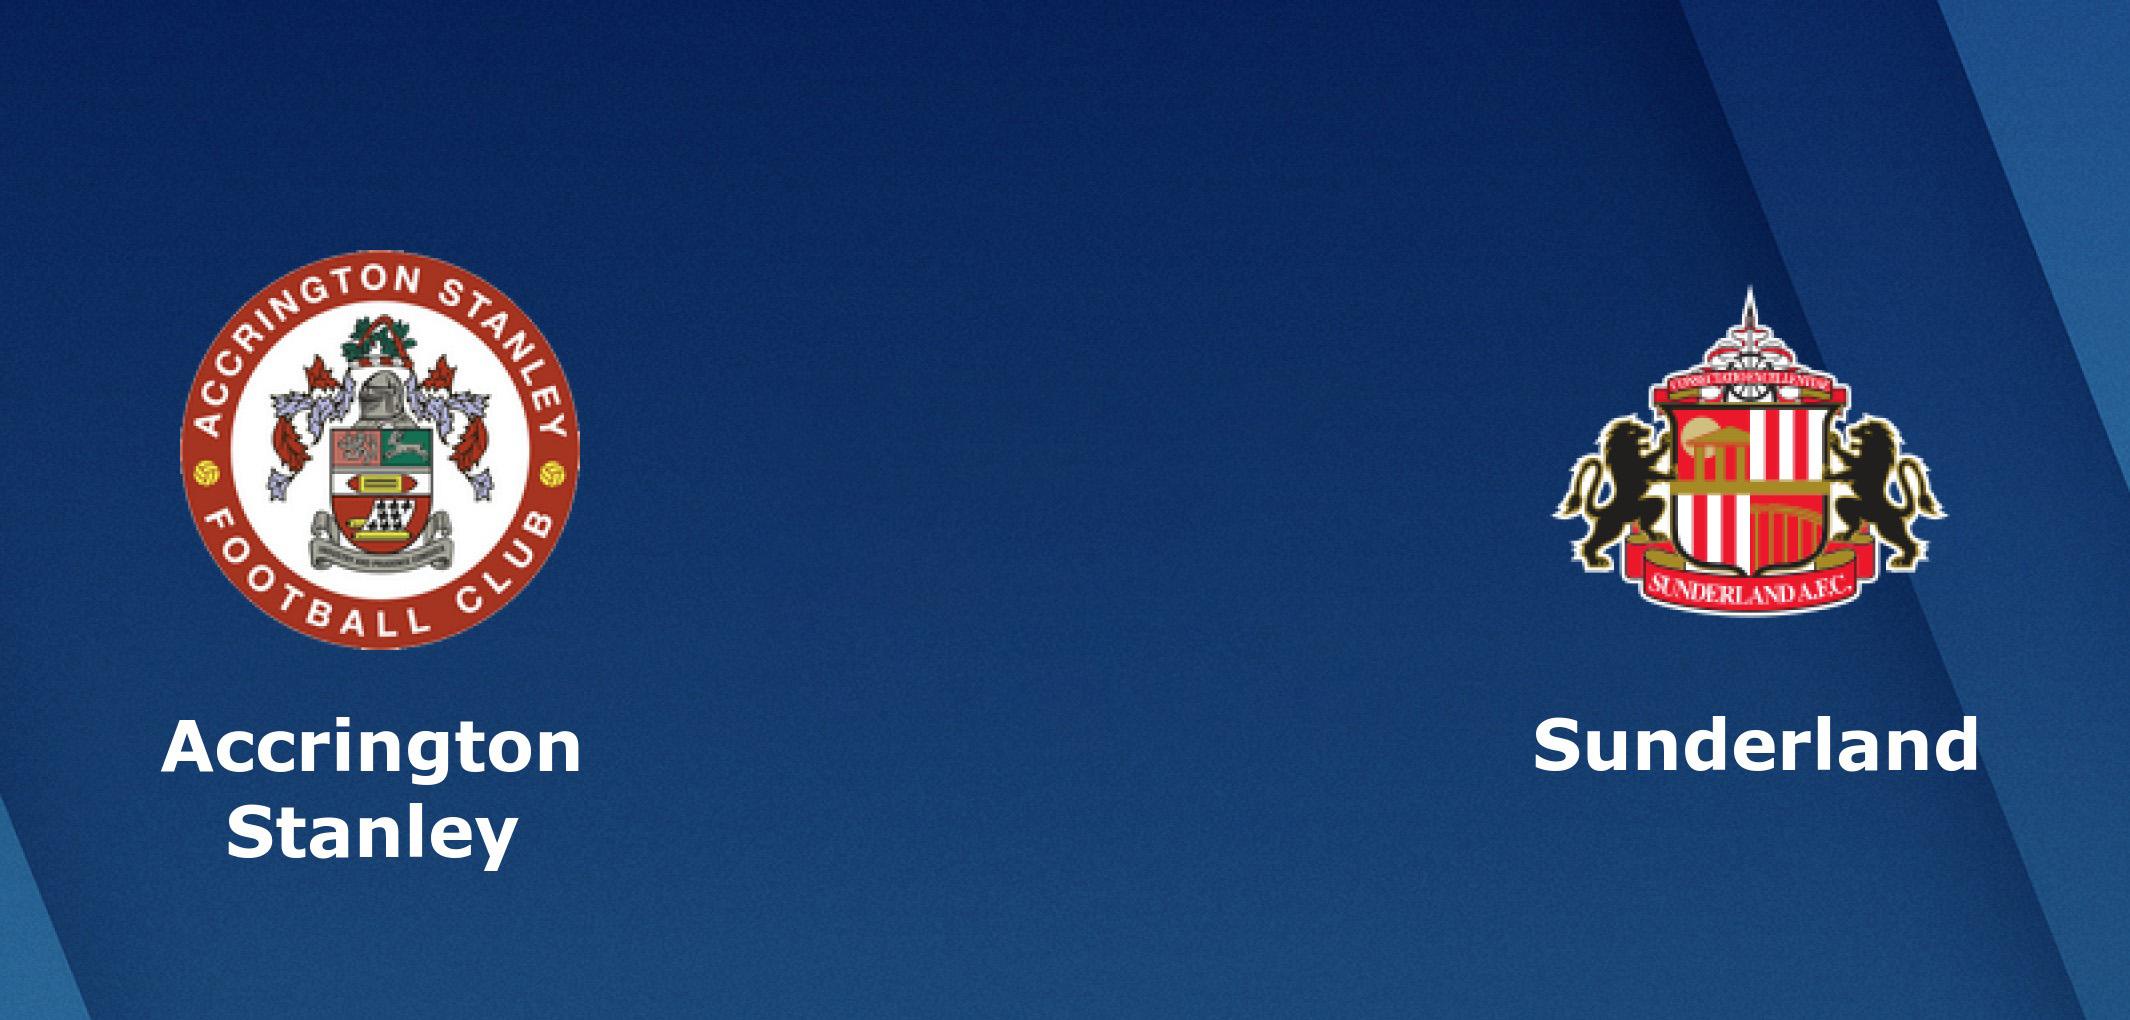 tip-bong-da-tran-accrington-stanley-vs-sunderland-–-01h45-14-08-2019-–-league-cup-fa1